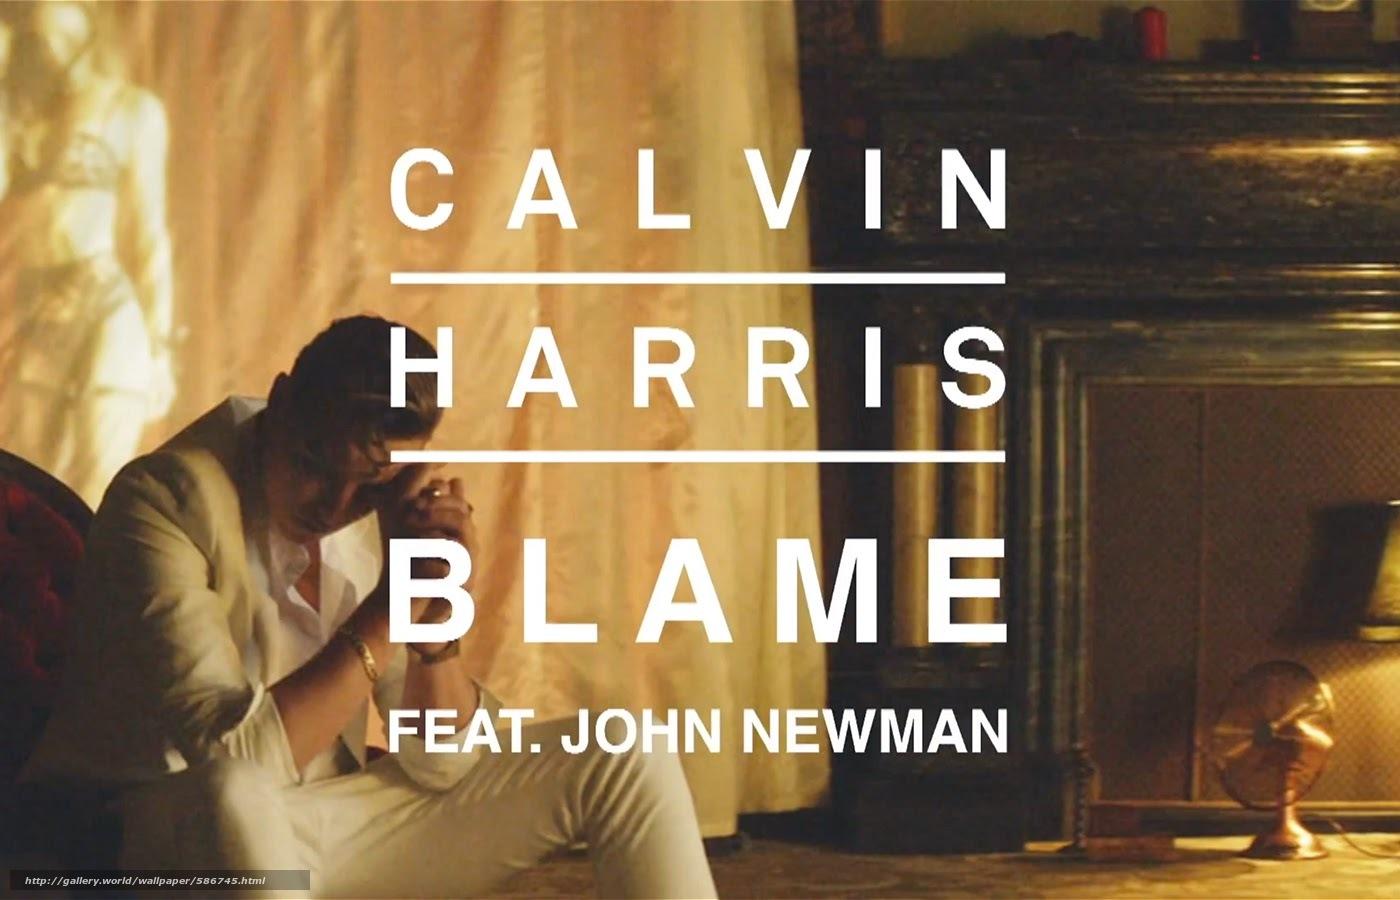 Download wallpaper Calvin Harris, Blame, John Newman ...